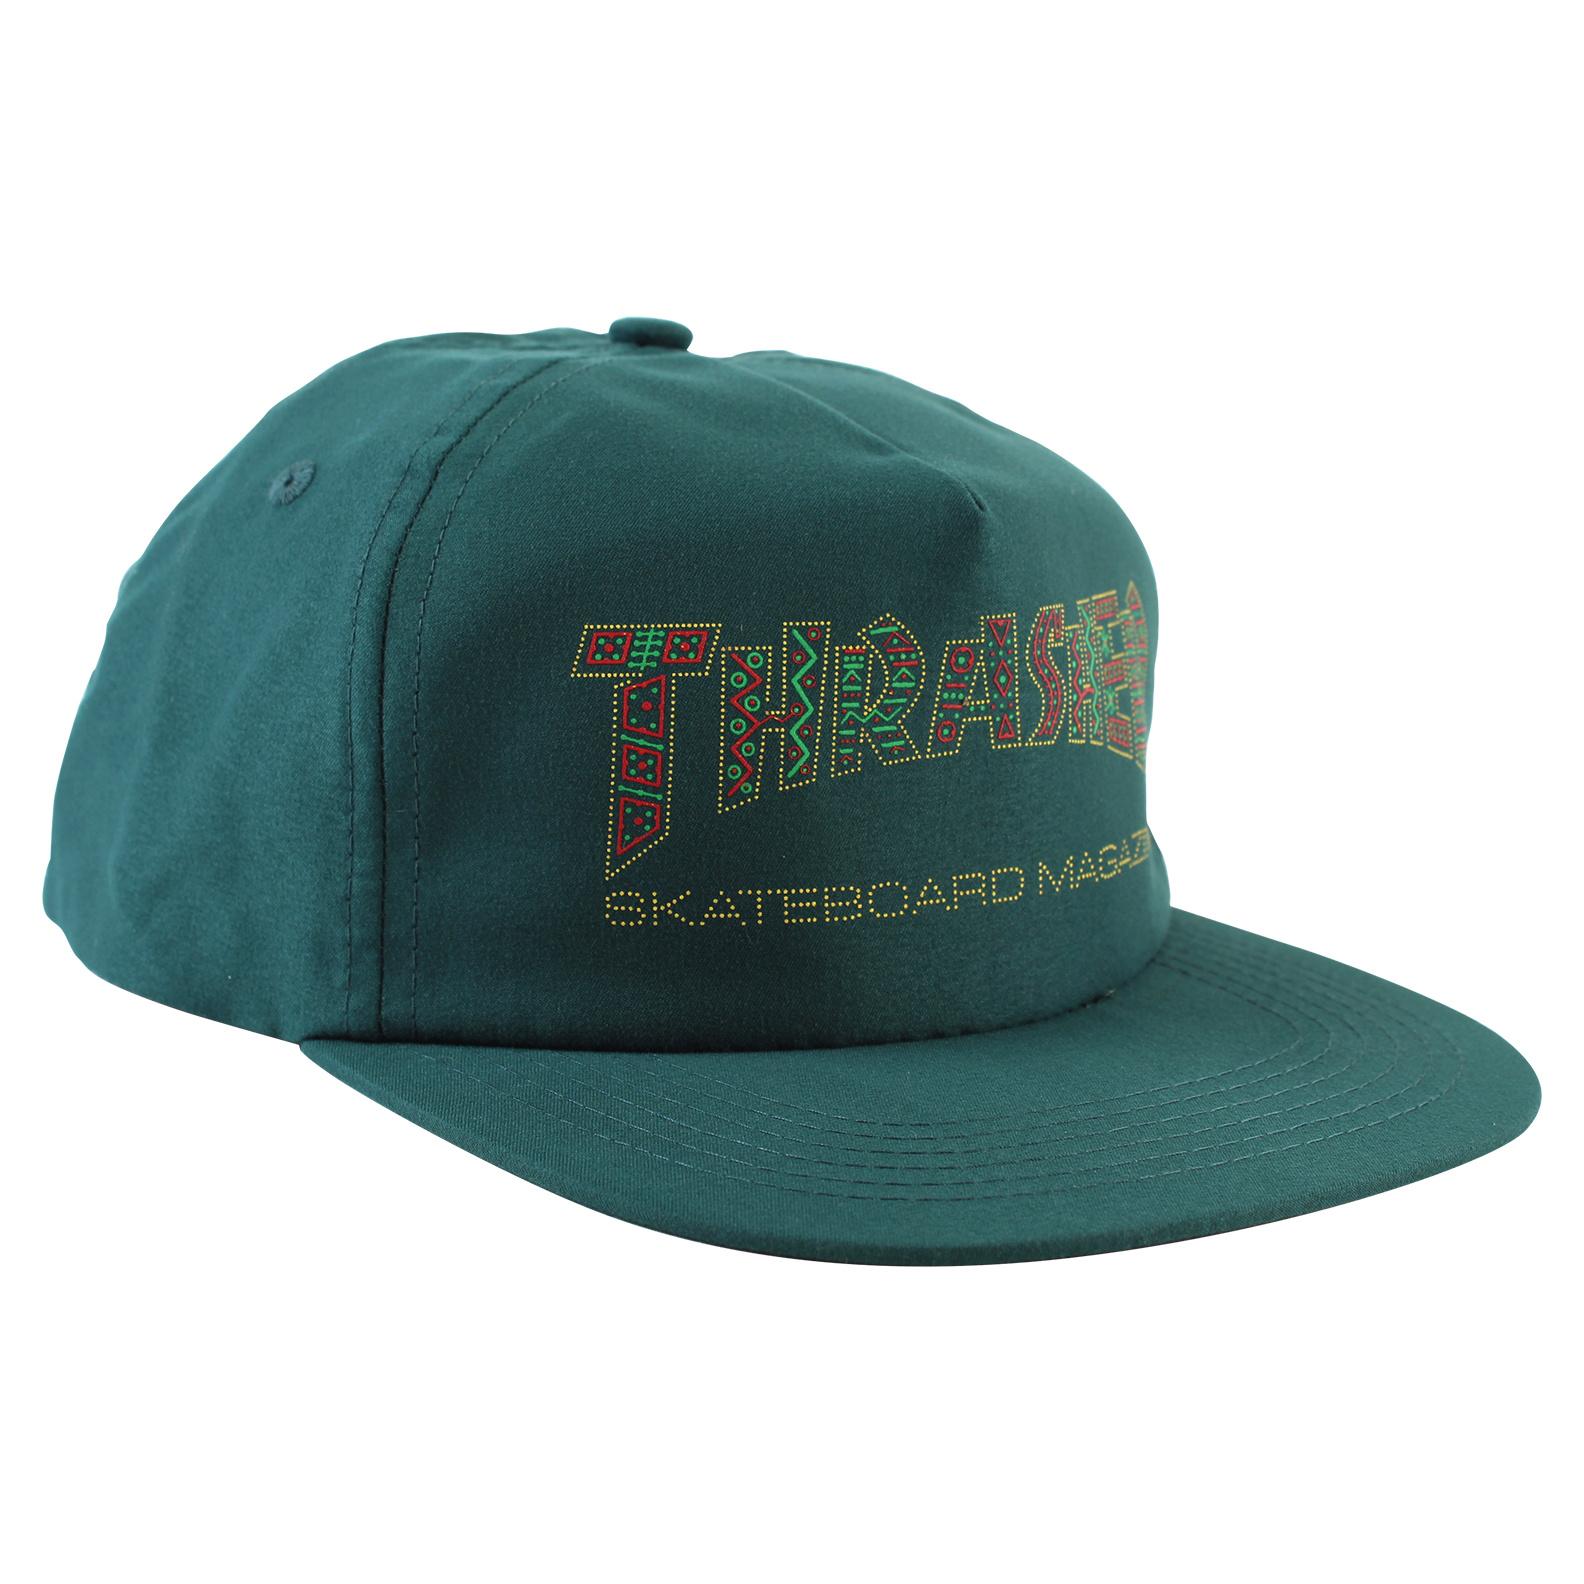 Eastern Skate Supply Thrasher Davis Hat, Forest Green